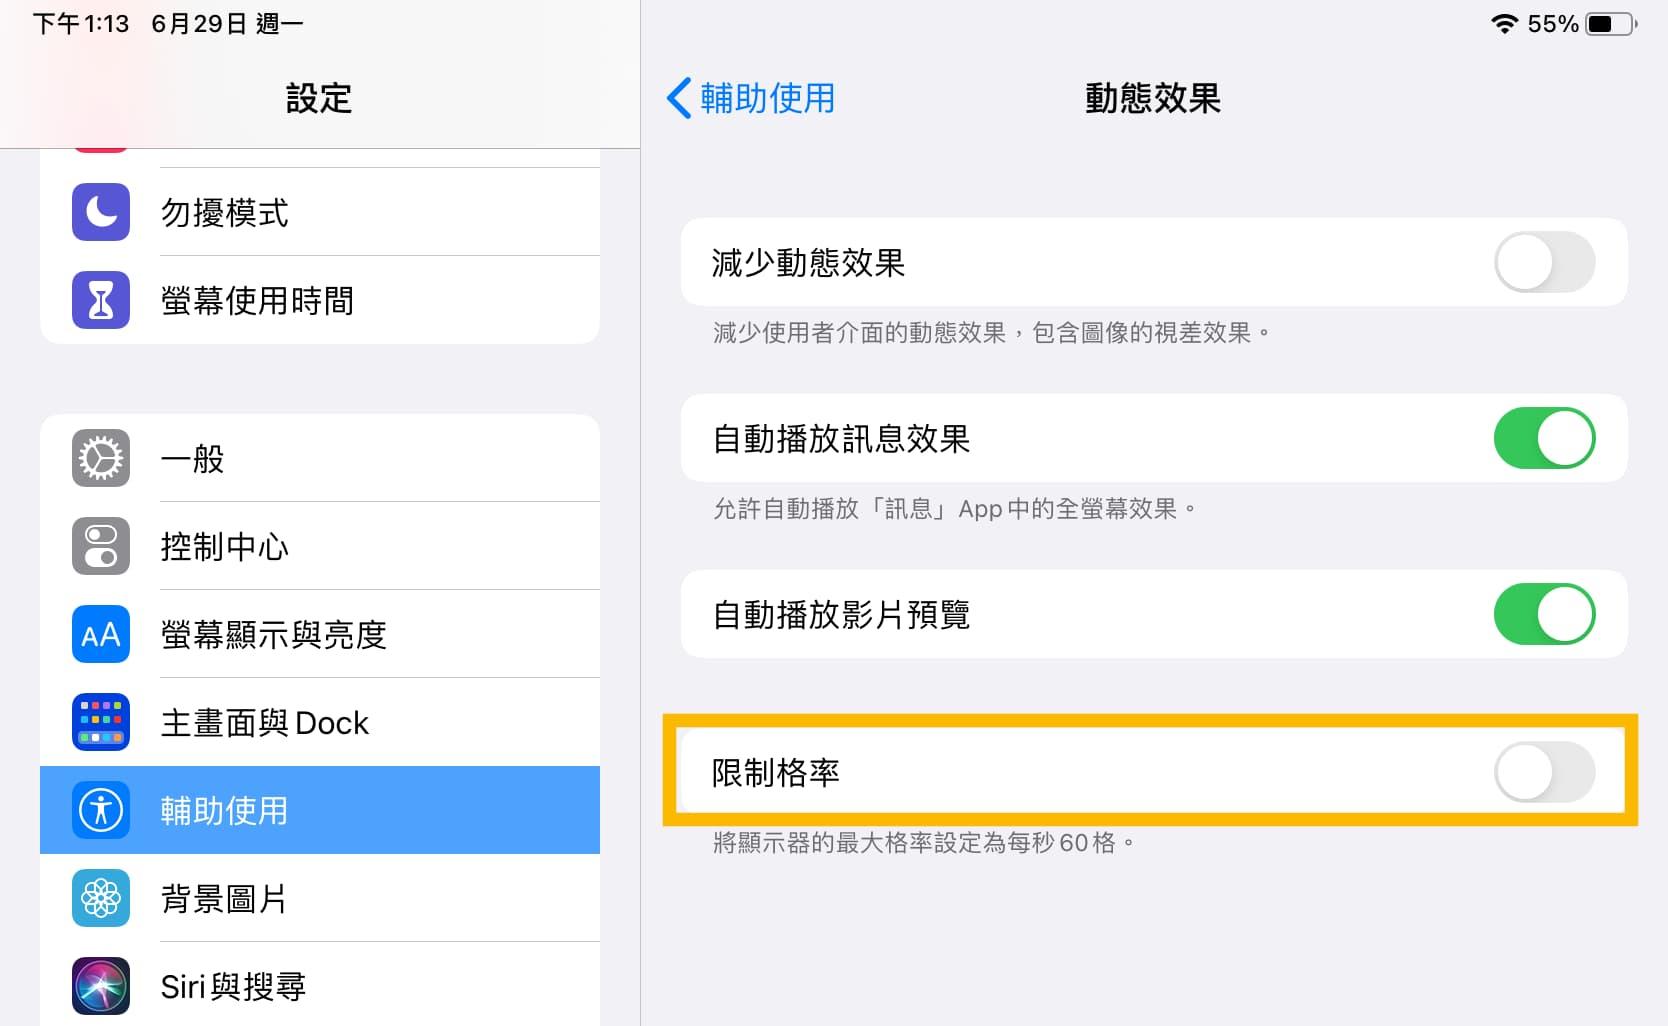 iPhone 12 Pro 螢幕會支援120Hz?新iOS 14 曝光選項和爆料證實